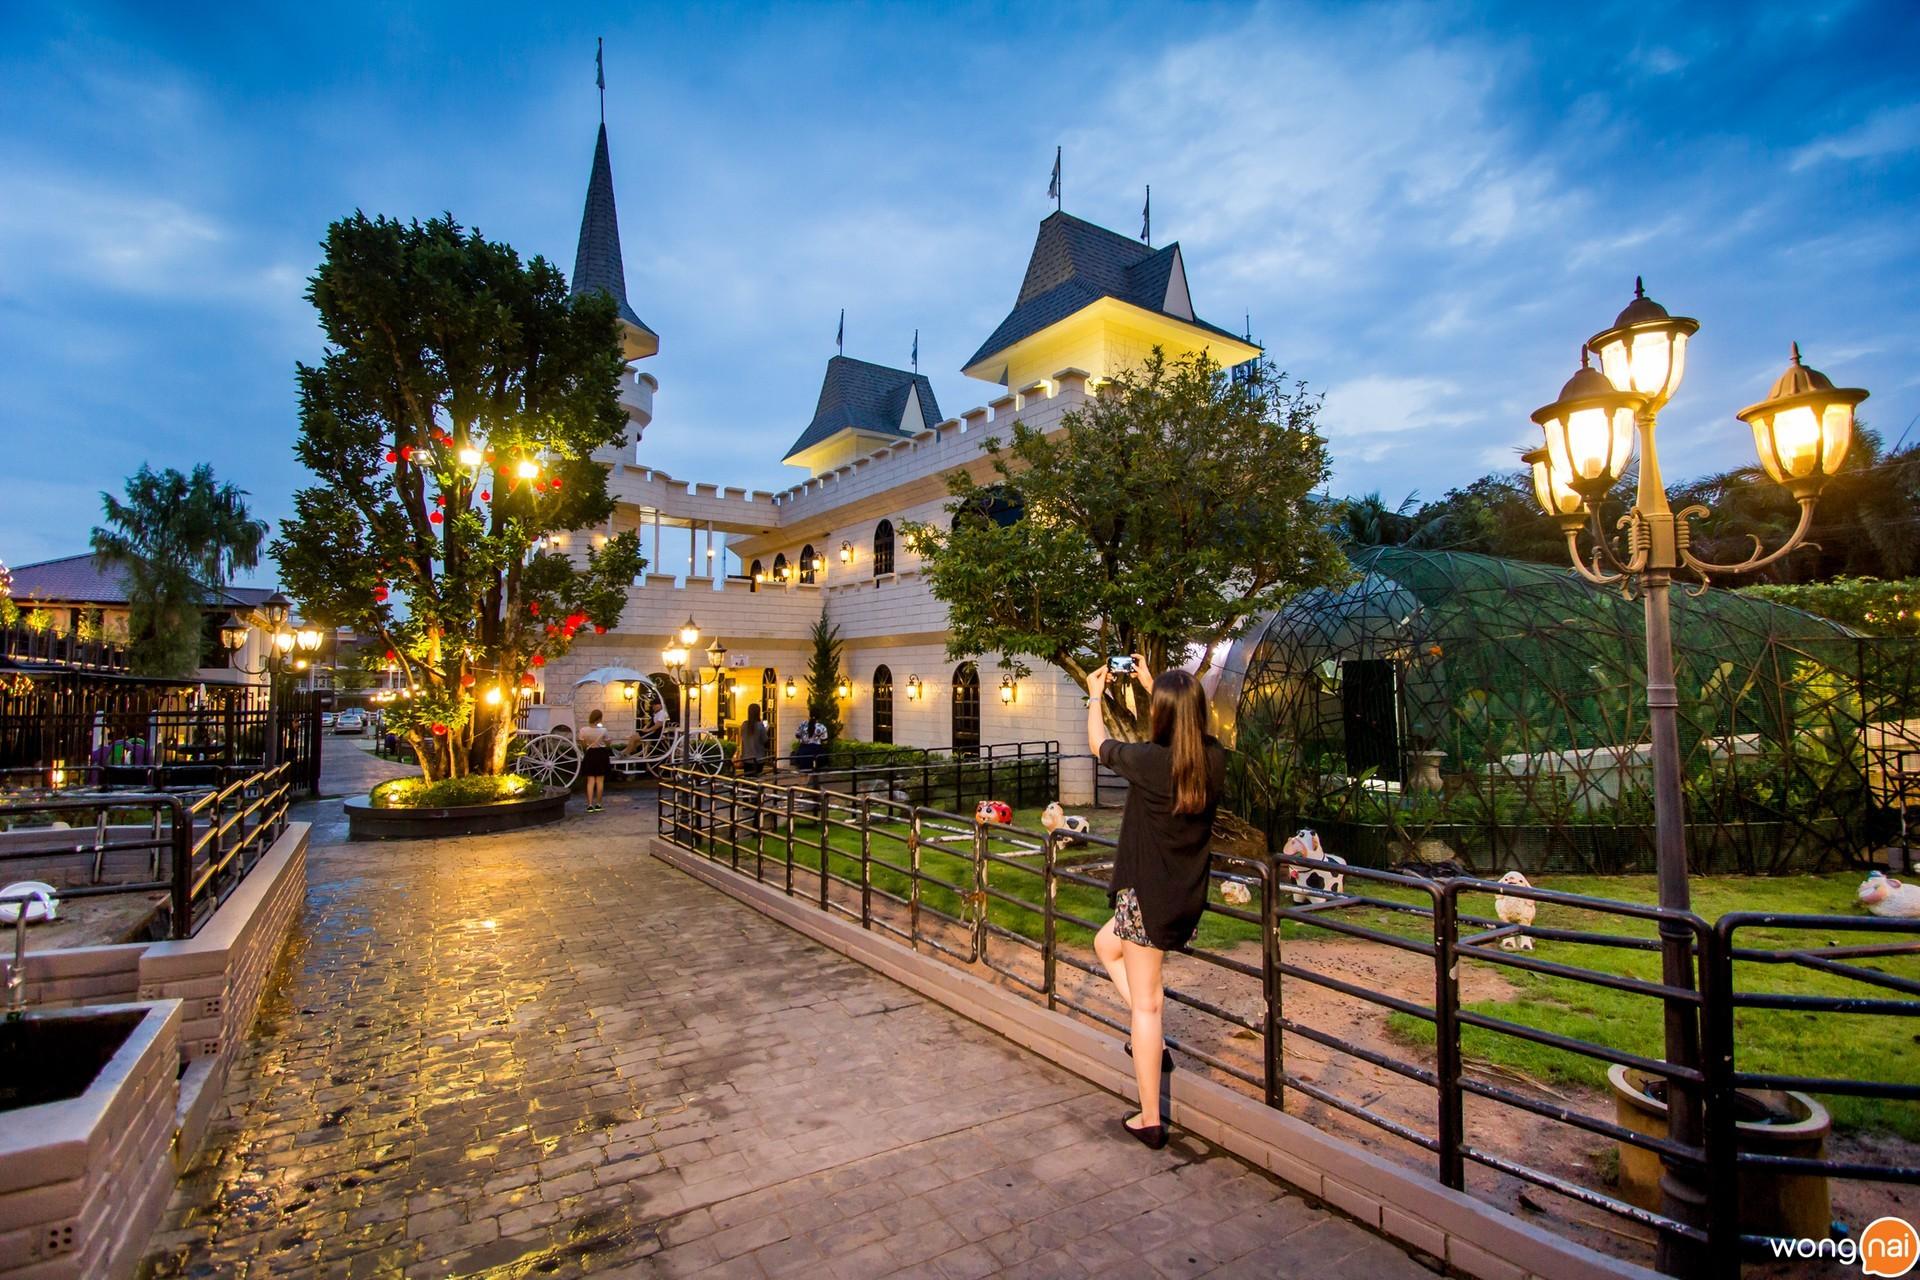 บรรยากาศสวนสวยและปราสาทเทพนิยาย ของสวนอาหาร Wine Village